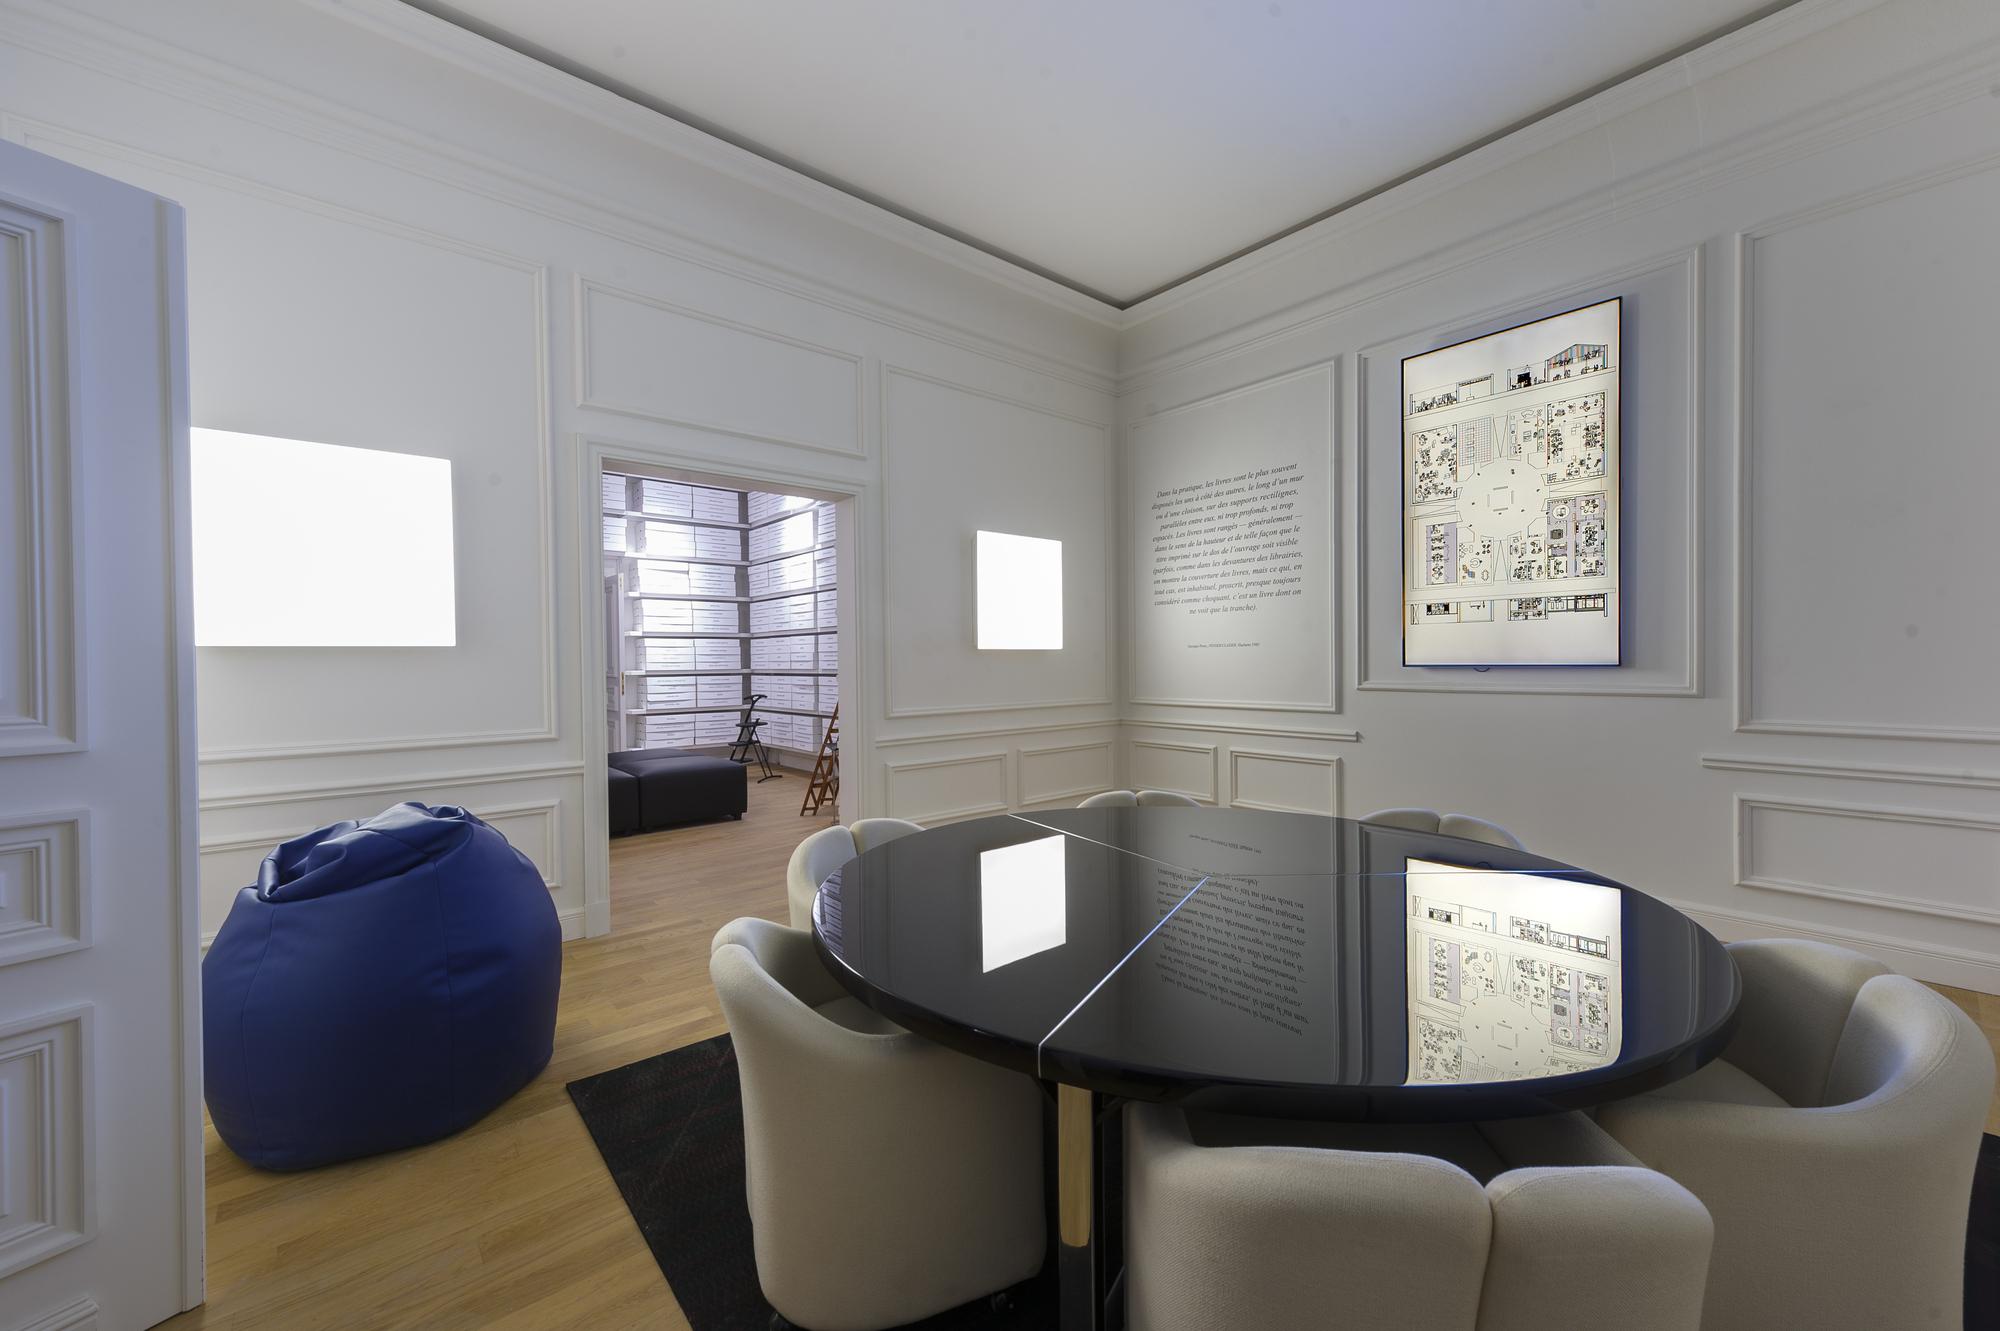 Milan Design Week 2013: Oficinas para vivir - Jean Nouvel